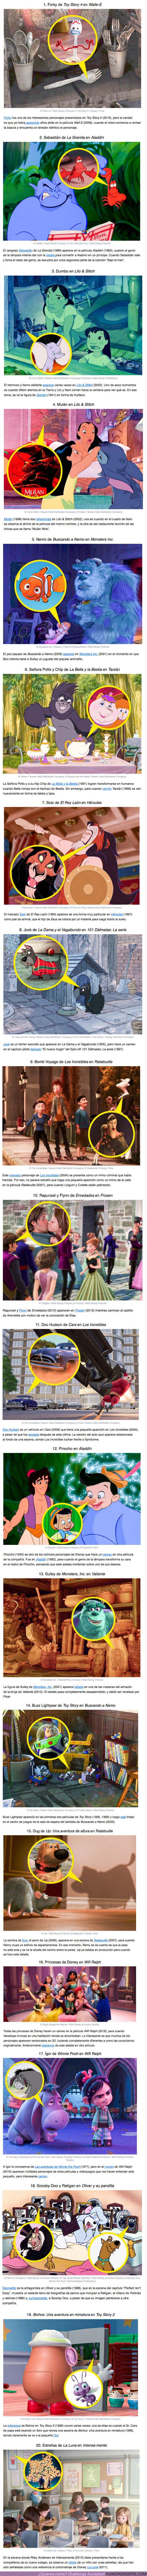 56365 - GALERÍA: 20 Personajes de Pixar y Disney que salieron en otra película, pero no nos dimos cuenta